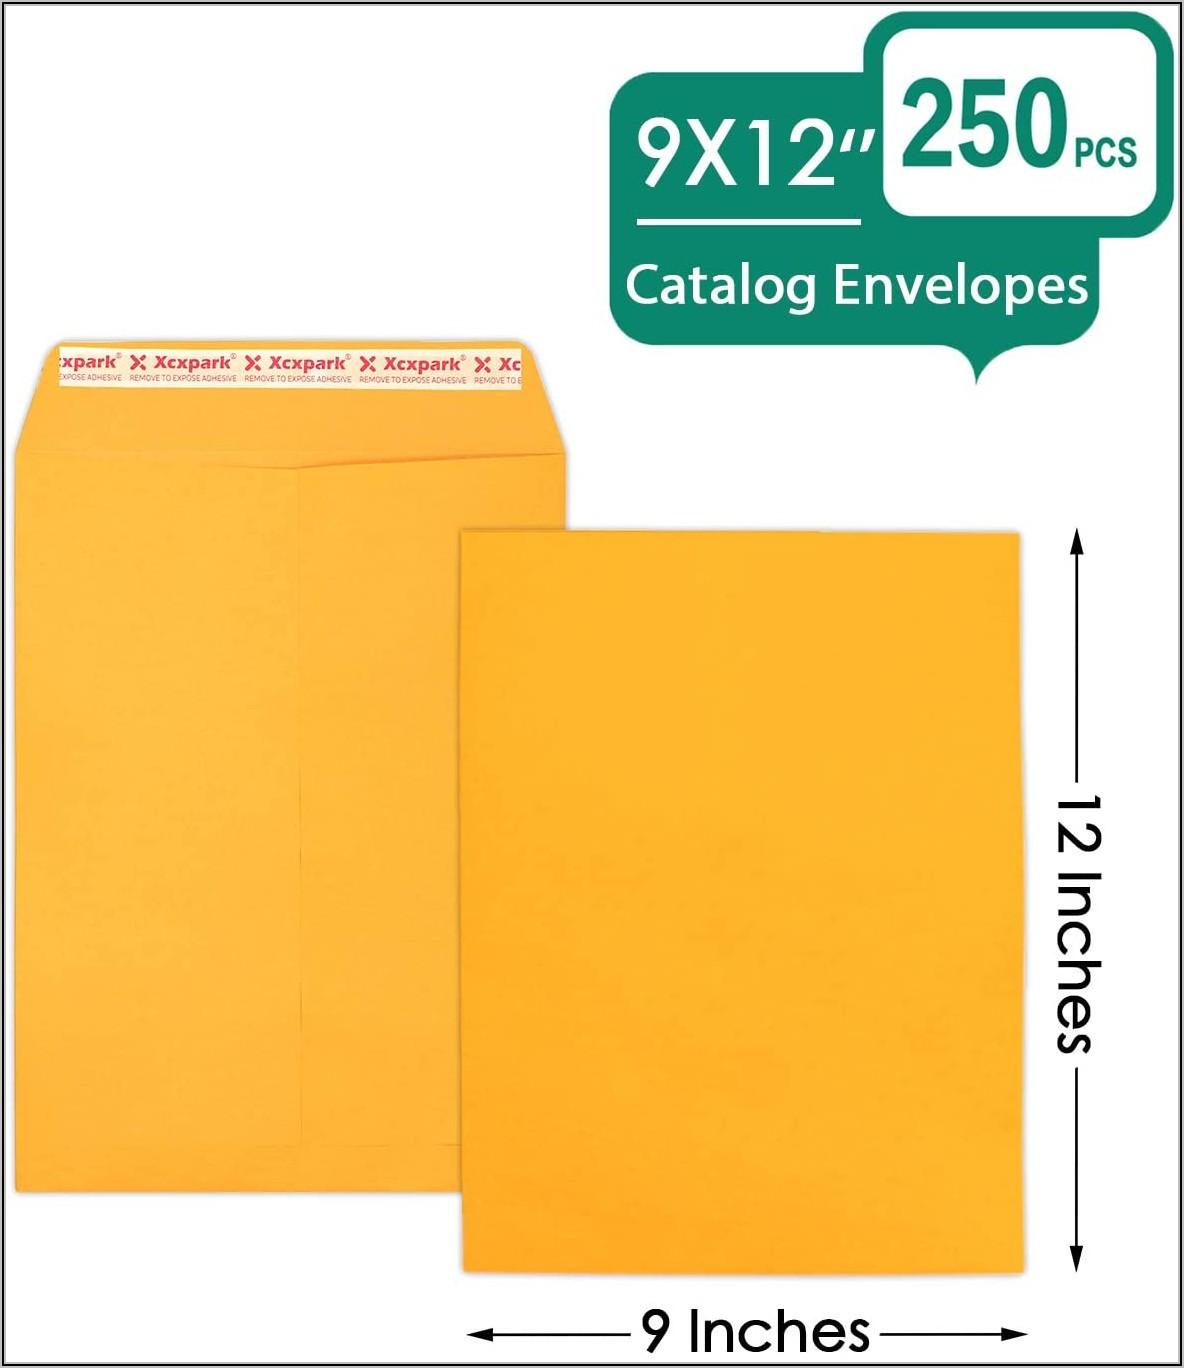 9x12 Self Seal Envelopes